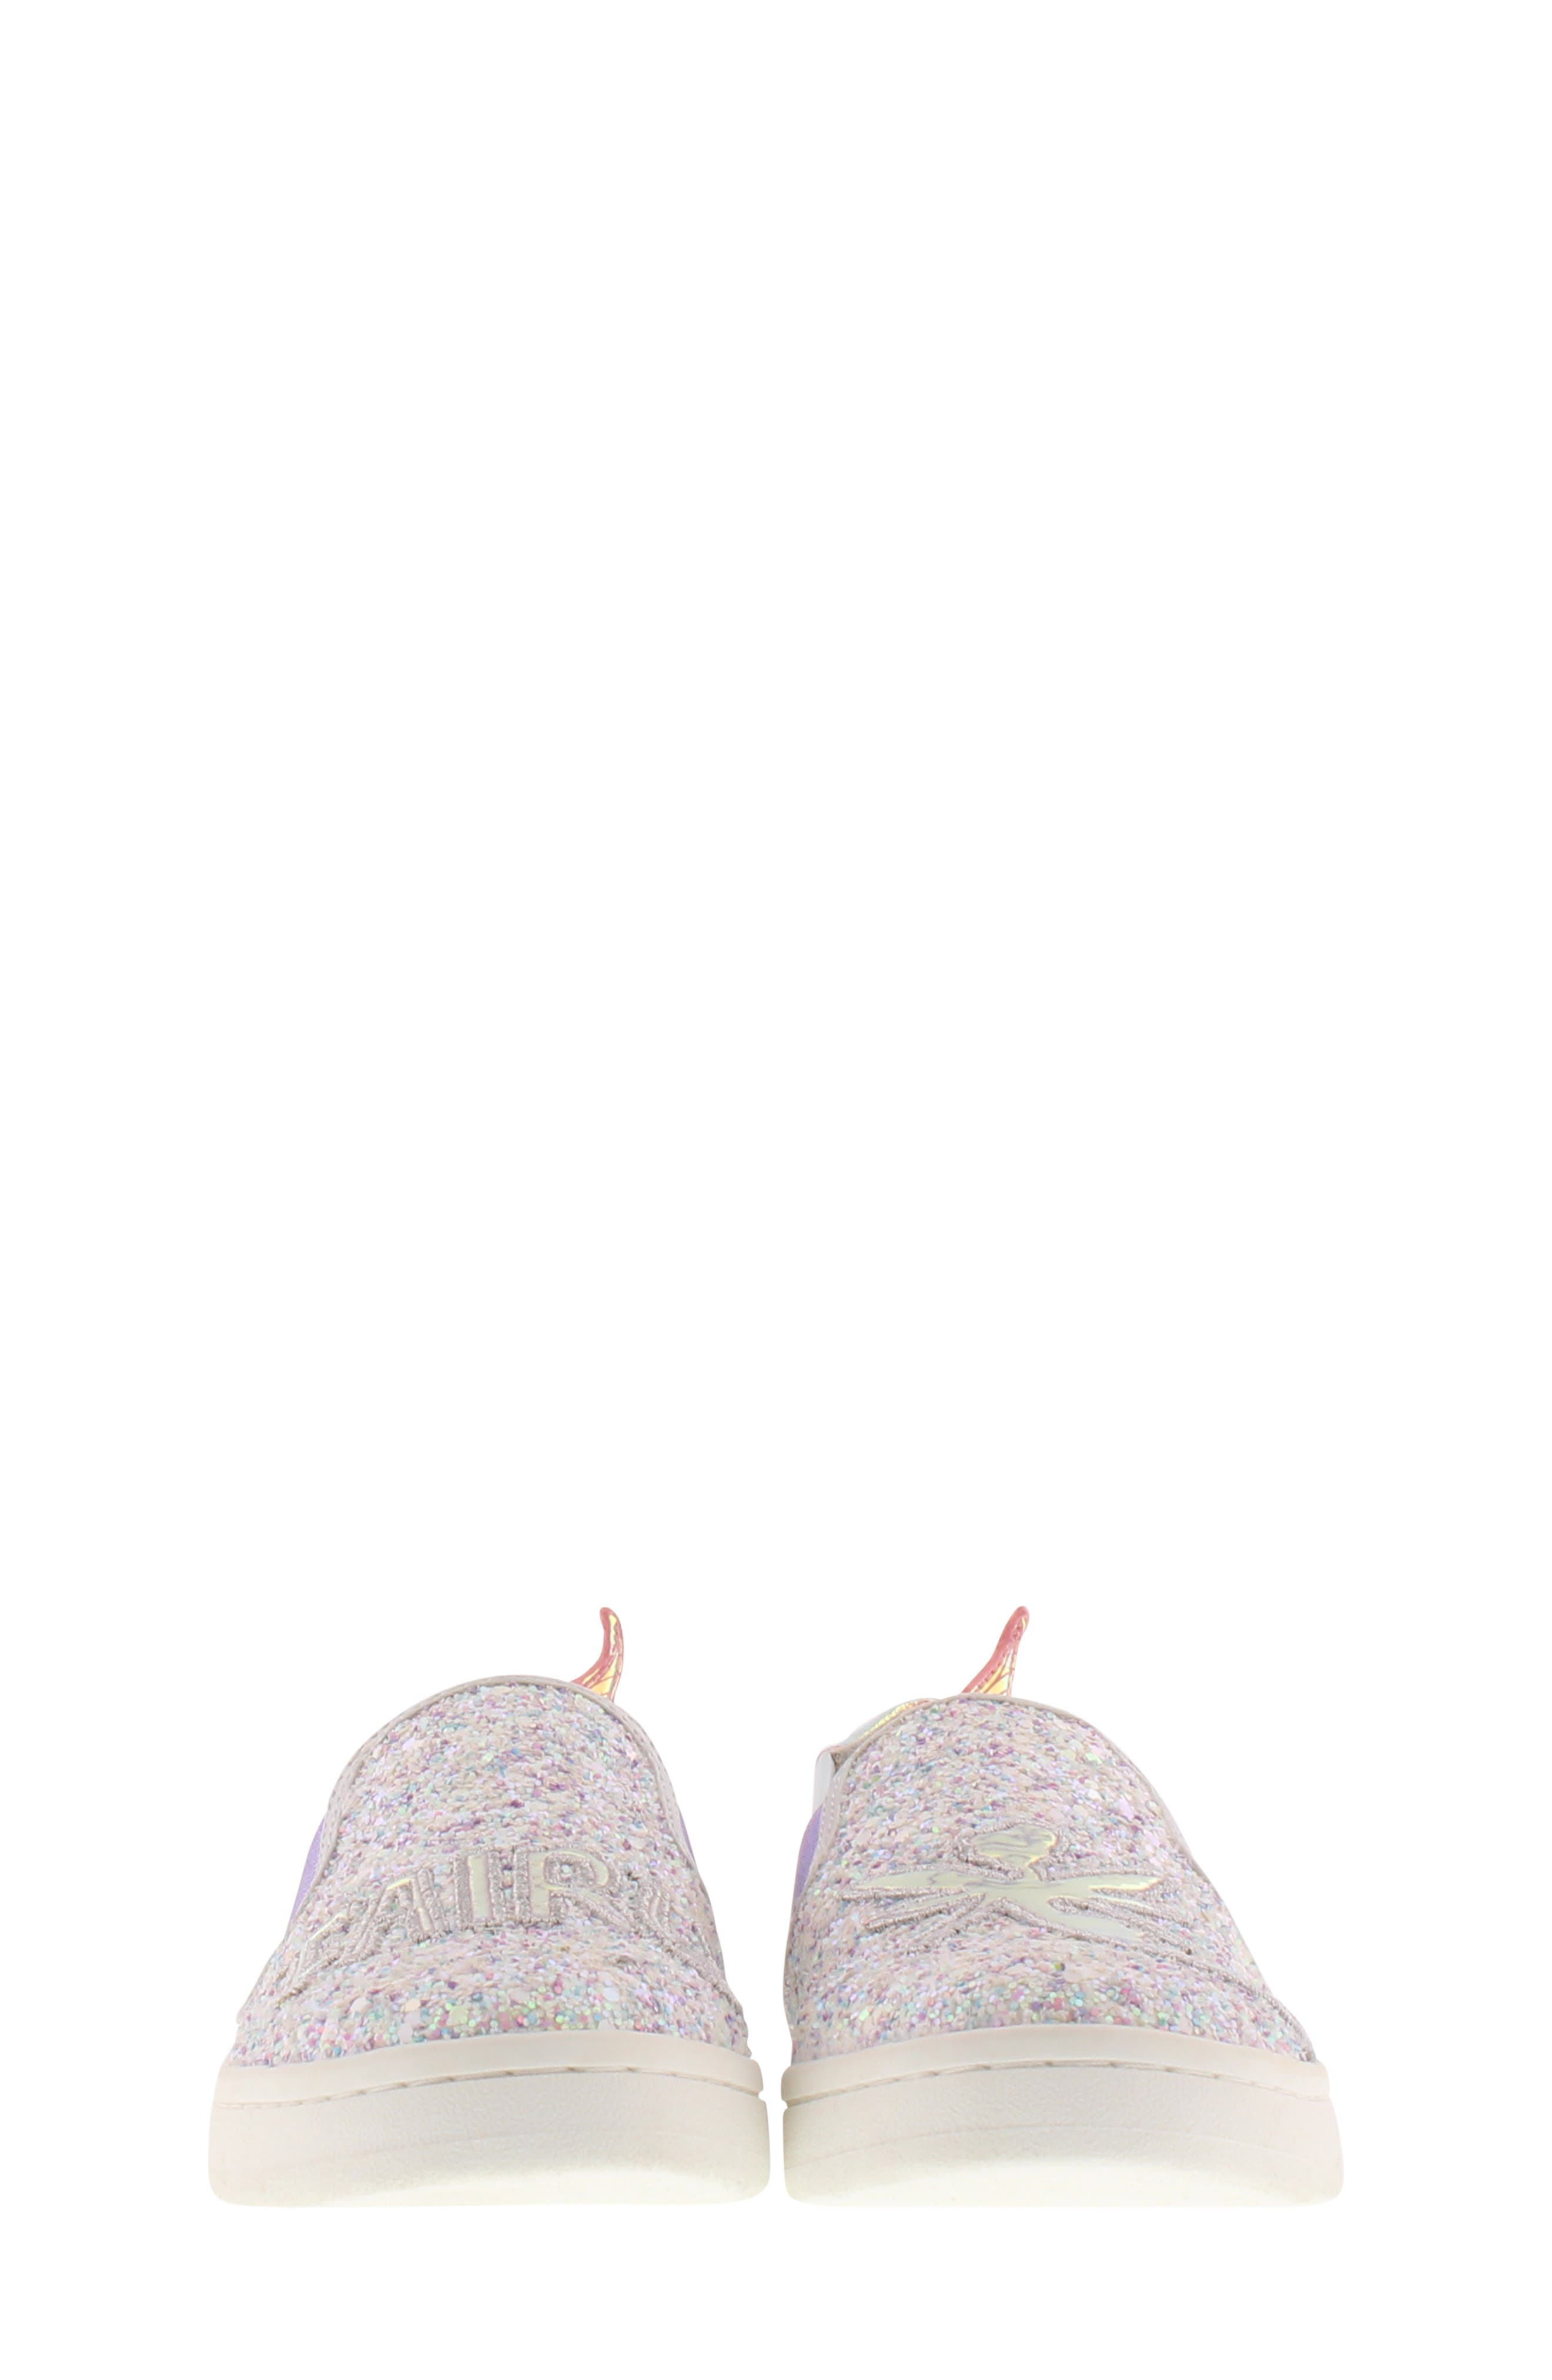 SAM EDELMAN, Blake Lina Fairy Glitter Slip-On Sneaker, Alternate thumbnail 4, color, PINK/ PURPLE